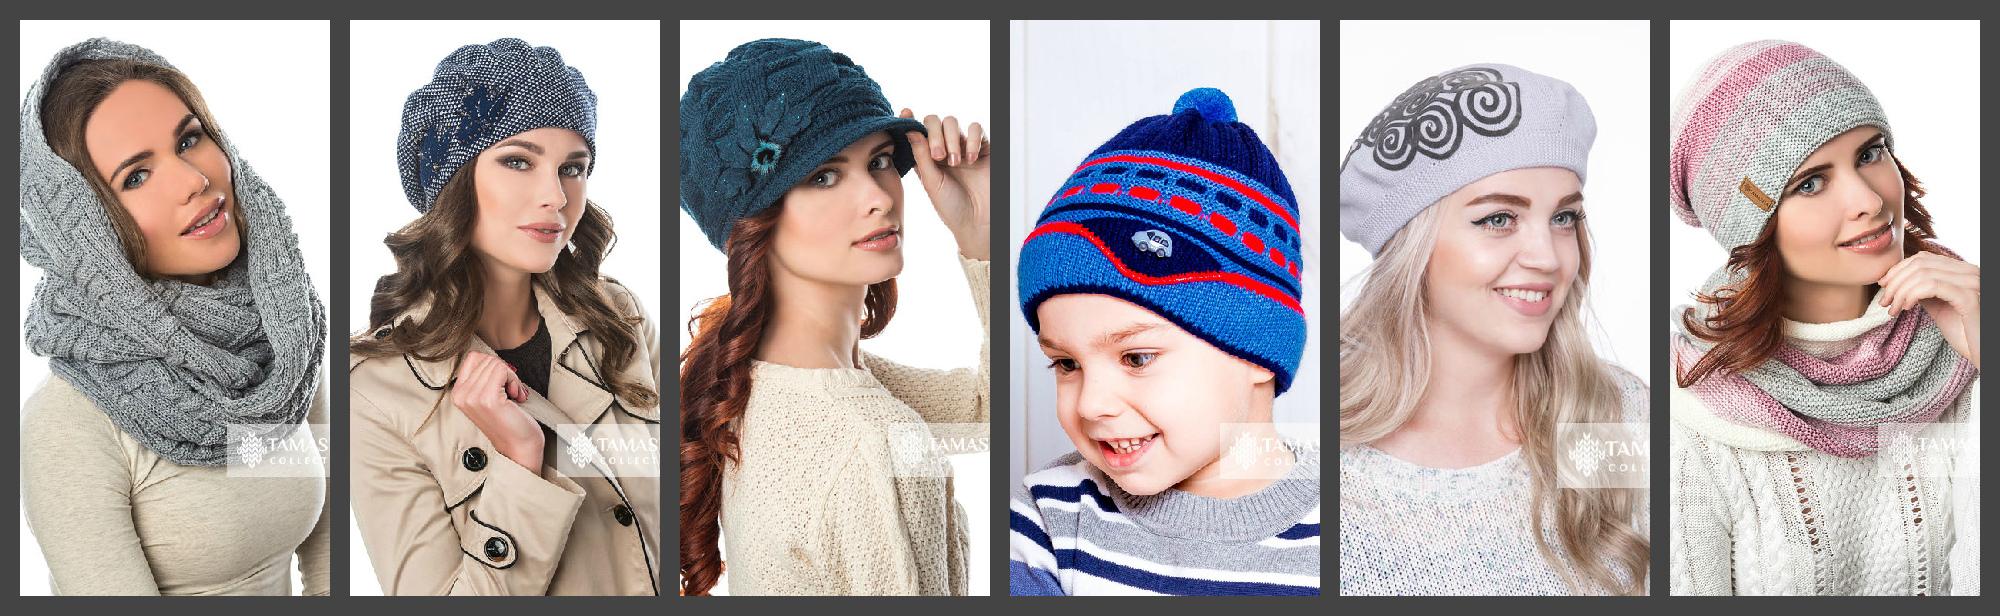 Tamasha - шапки и комплекты по супер низким ценам для женщин и детей. Все ЦР.